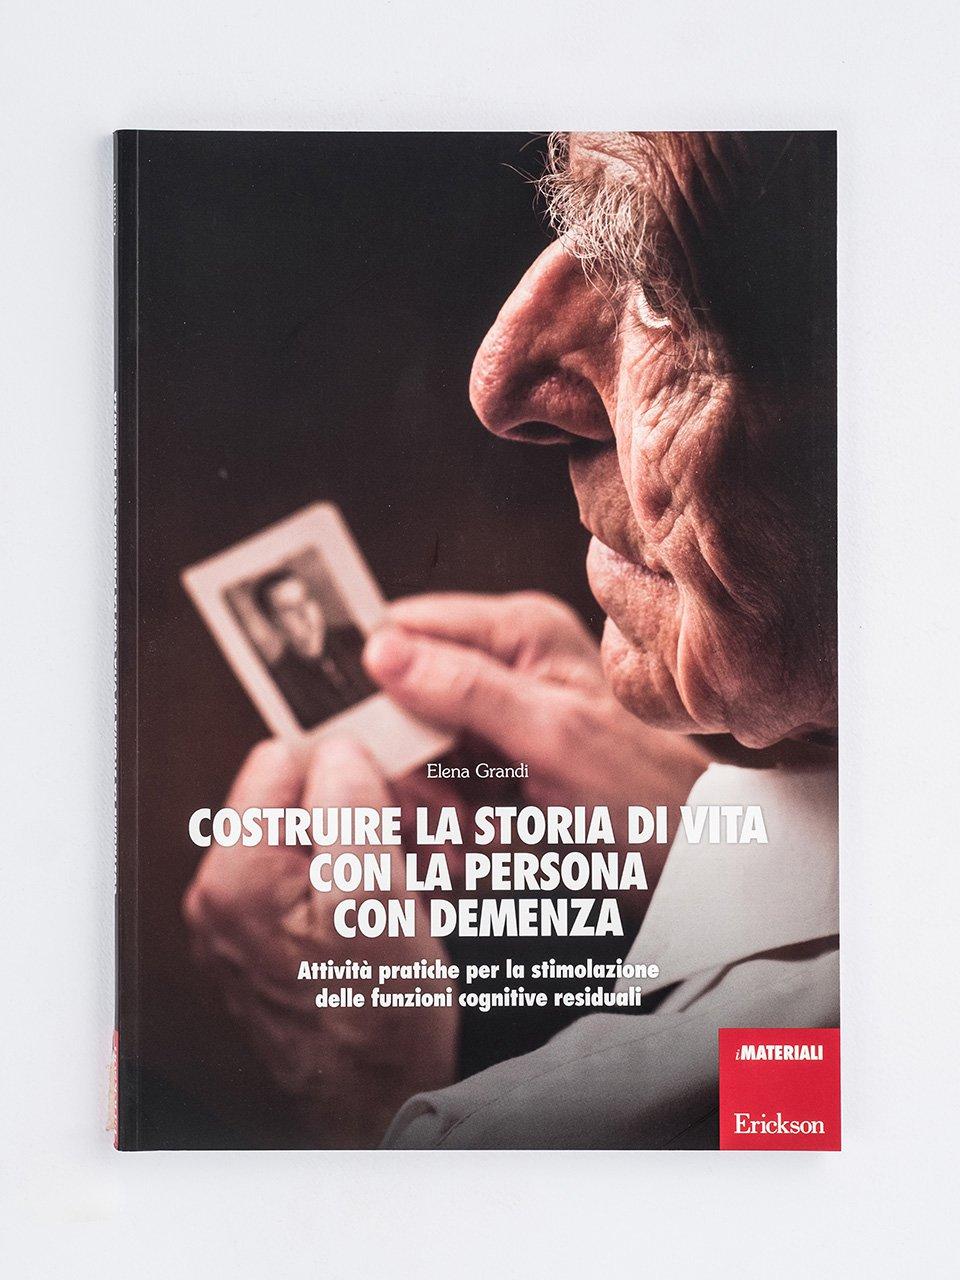 Costruire la storia di vita con la persona con demenza - TACTOO - Giochi - Erickson